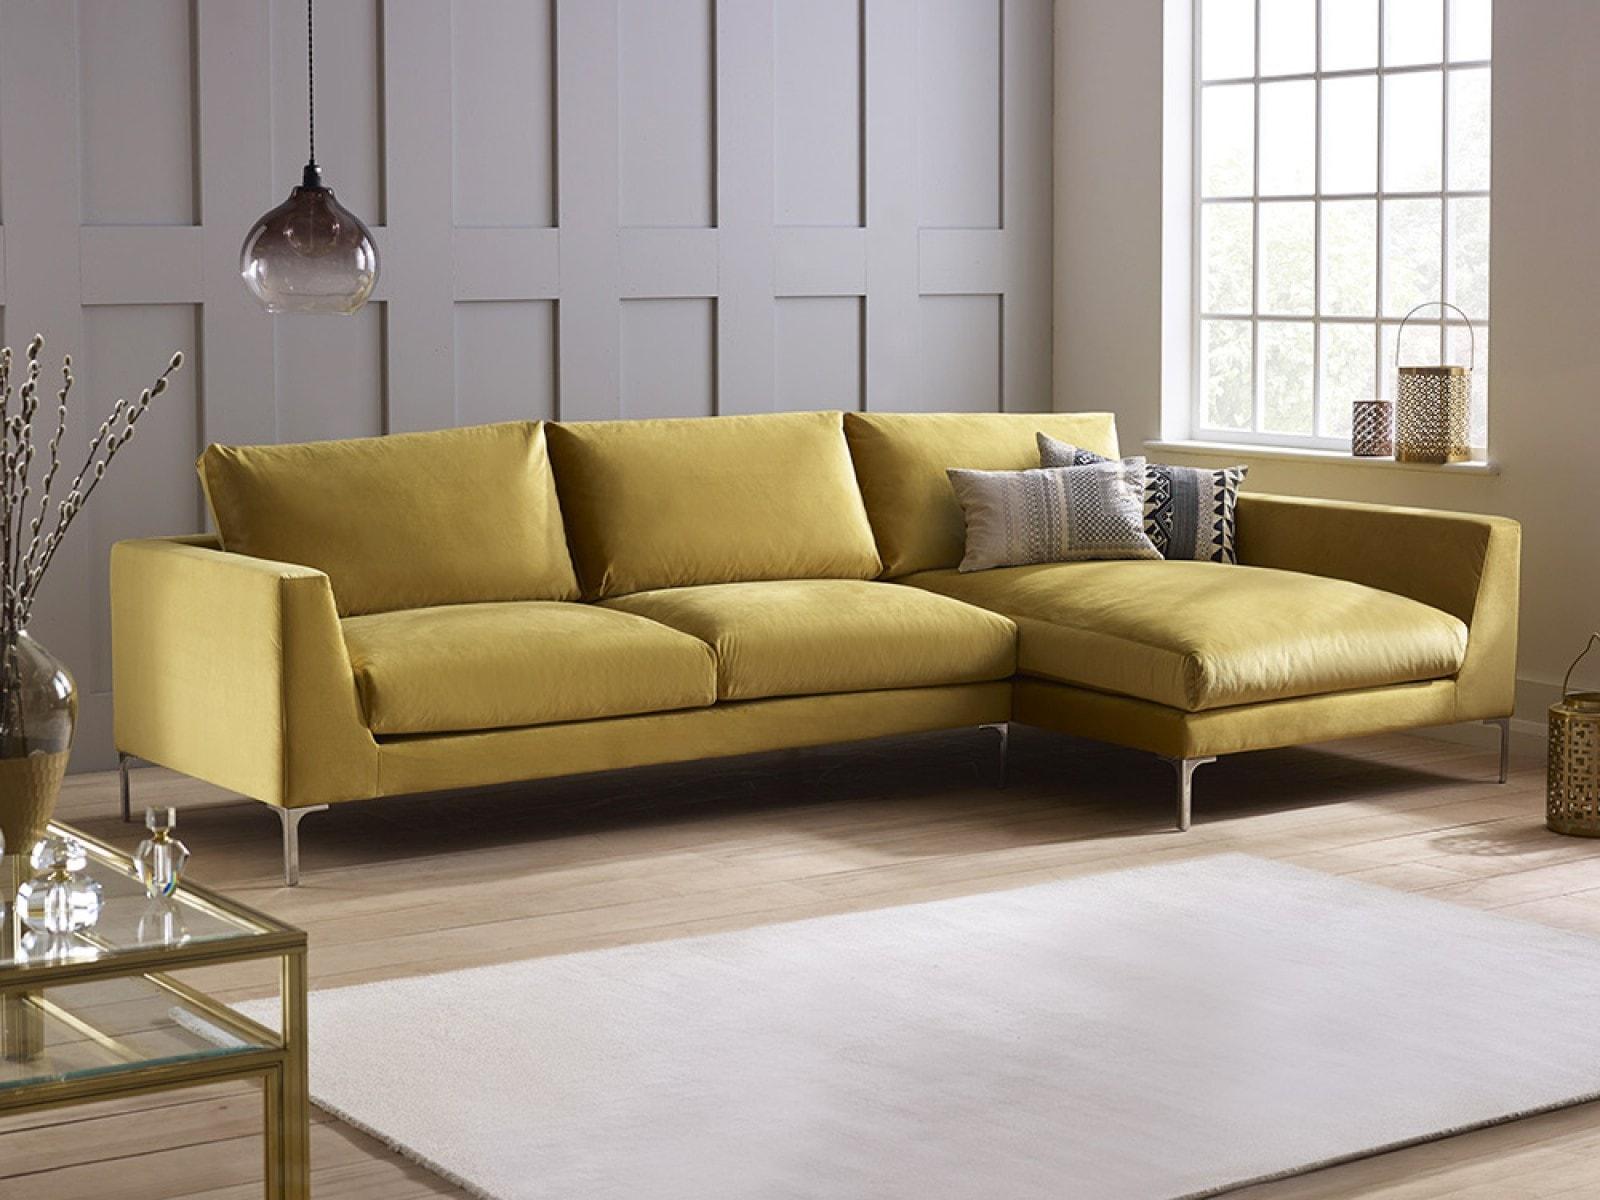 куда поставить угловой диван в зале